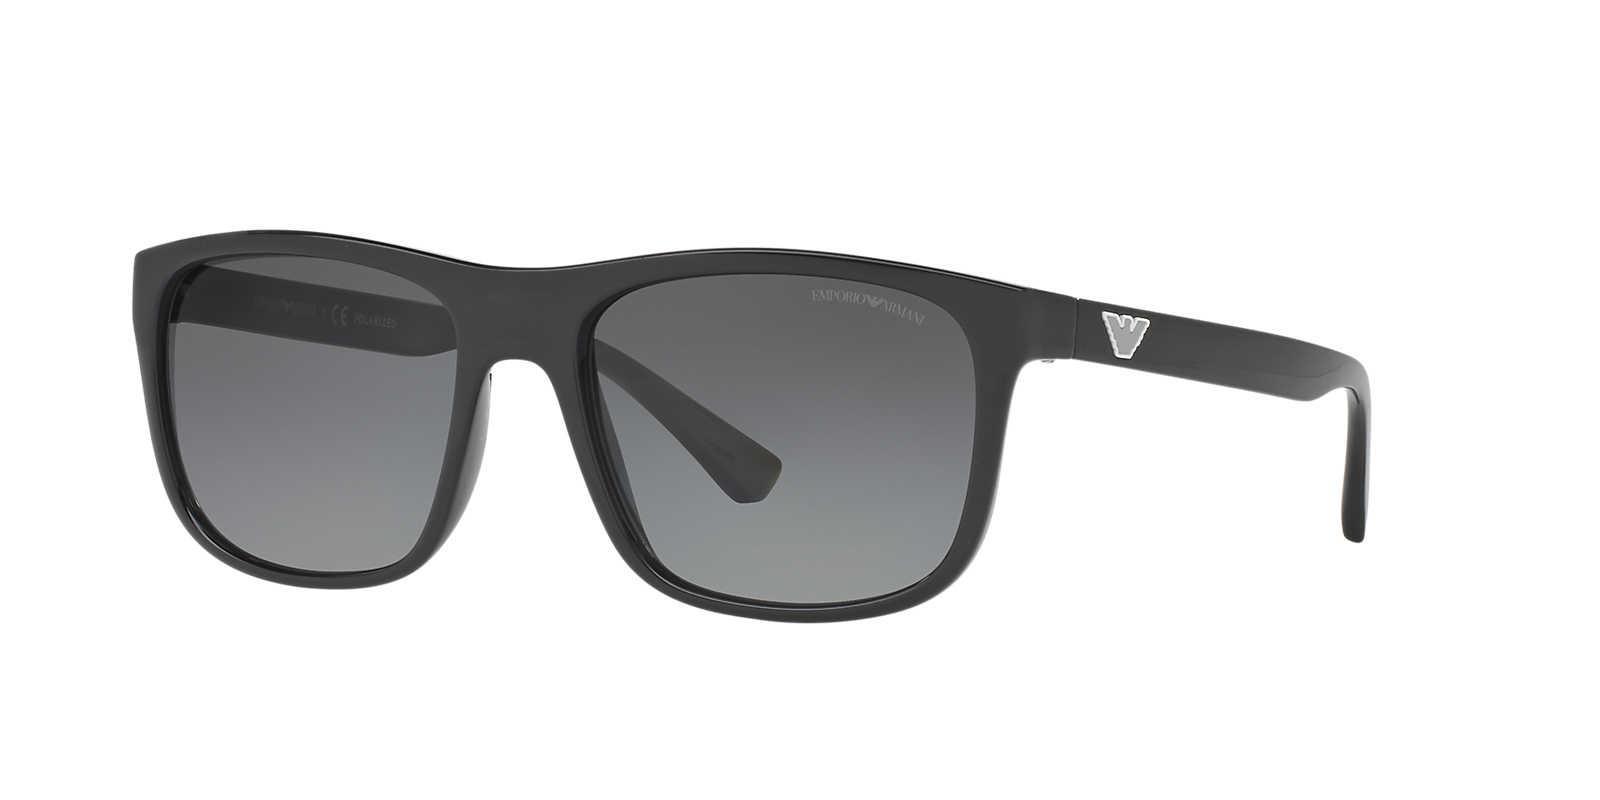 6309173186 Emporio Armani Unisex Sunglass Ea4085 56 in Gray for Men - Lyst